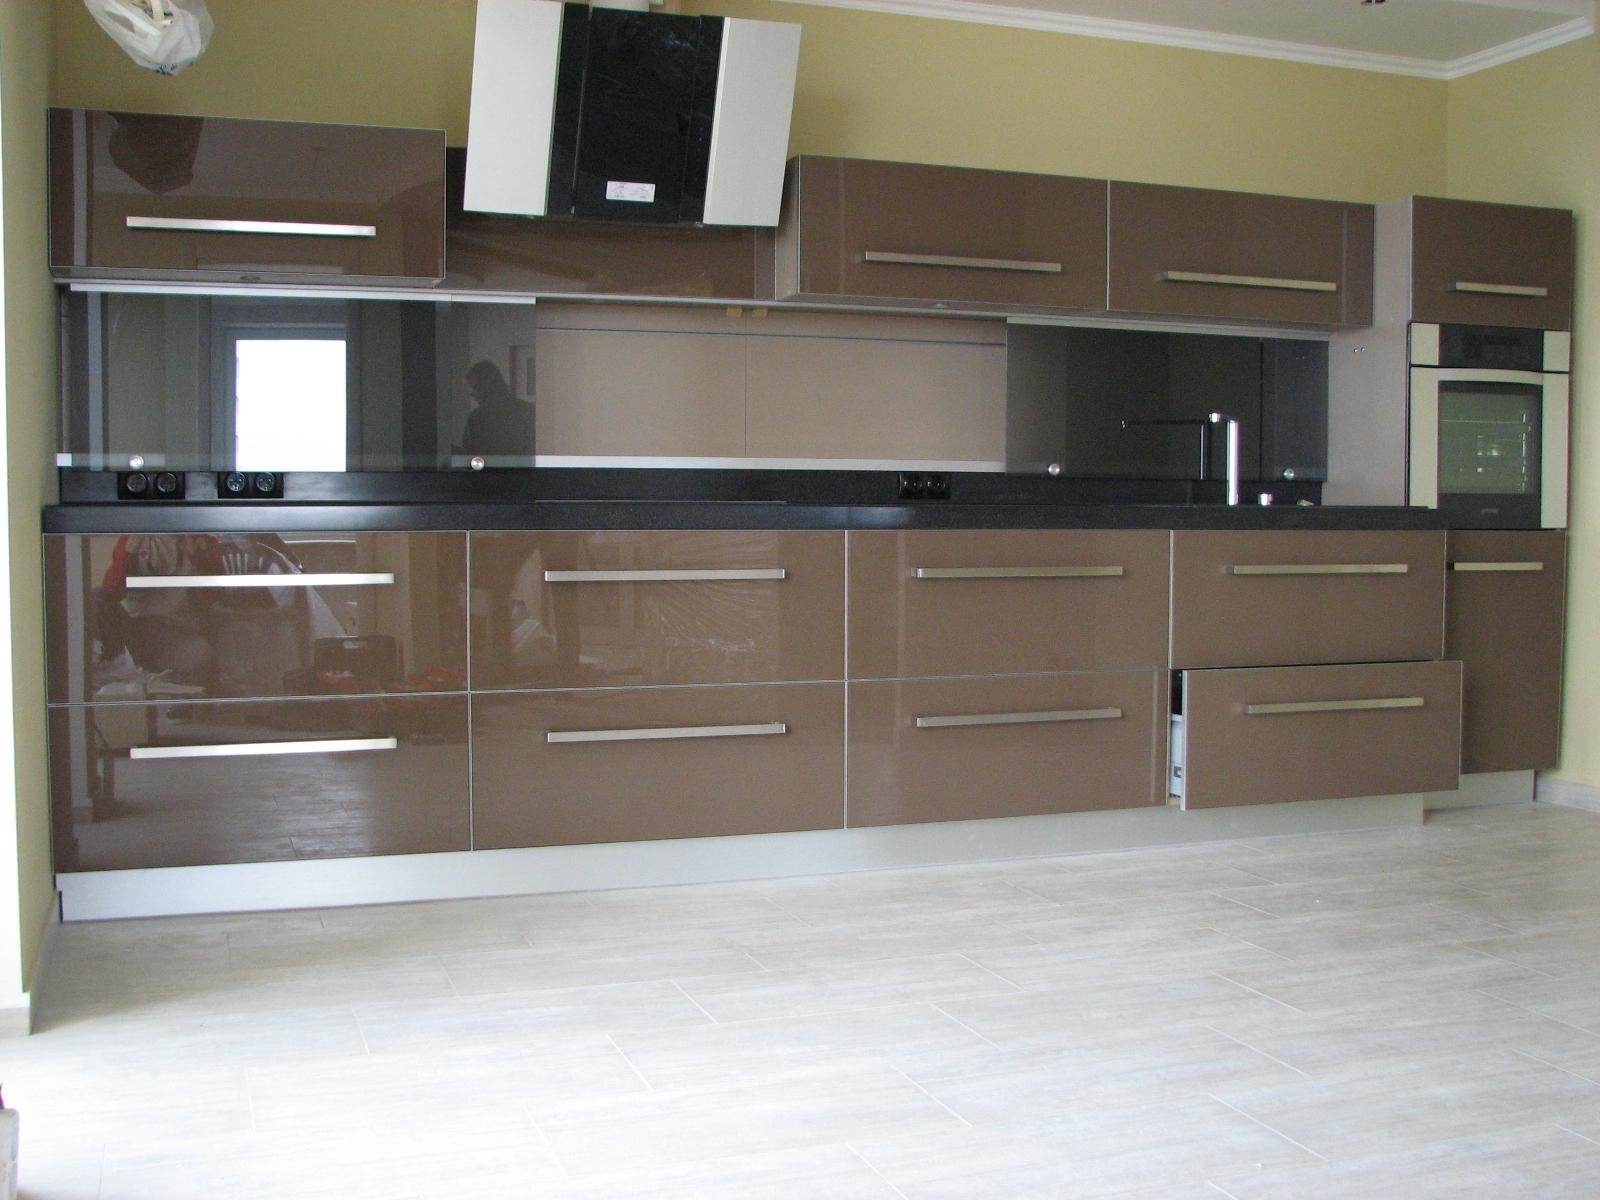 Фото Кухня по последнему слову мебельных технологий: фурнитура БЛЮМ, стеклянные крашеные фасады в аллюминевой рамке, раздвижной фартук, столешница из композитных материалов.